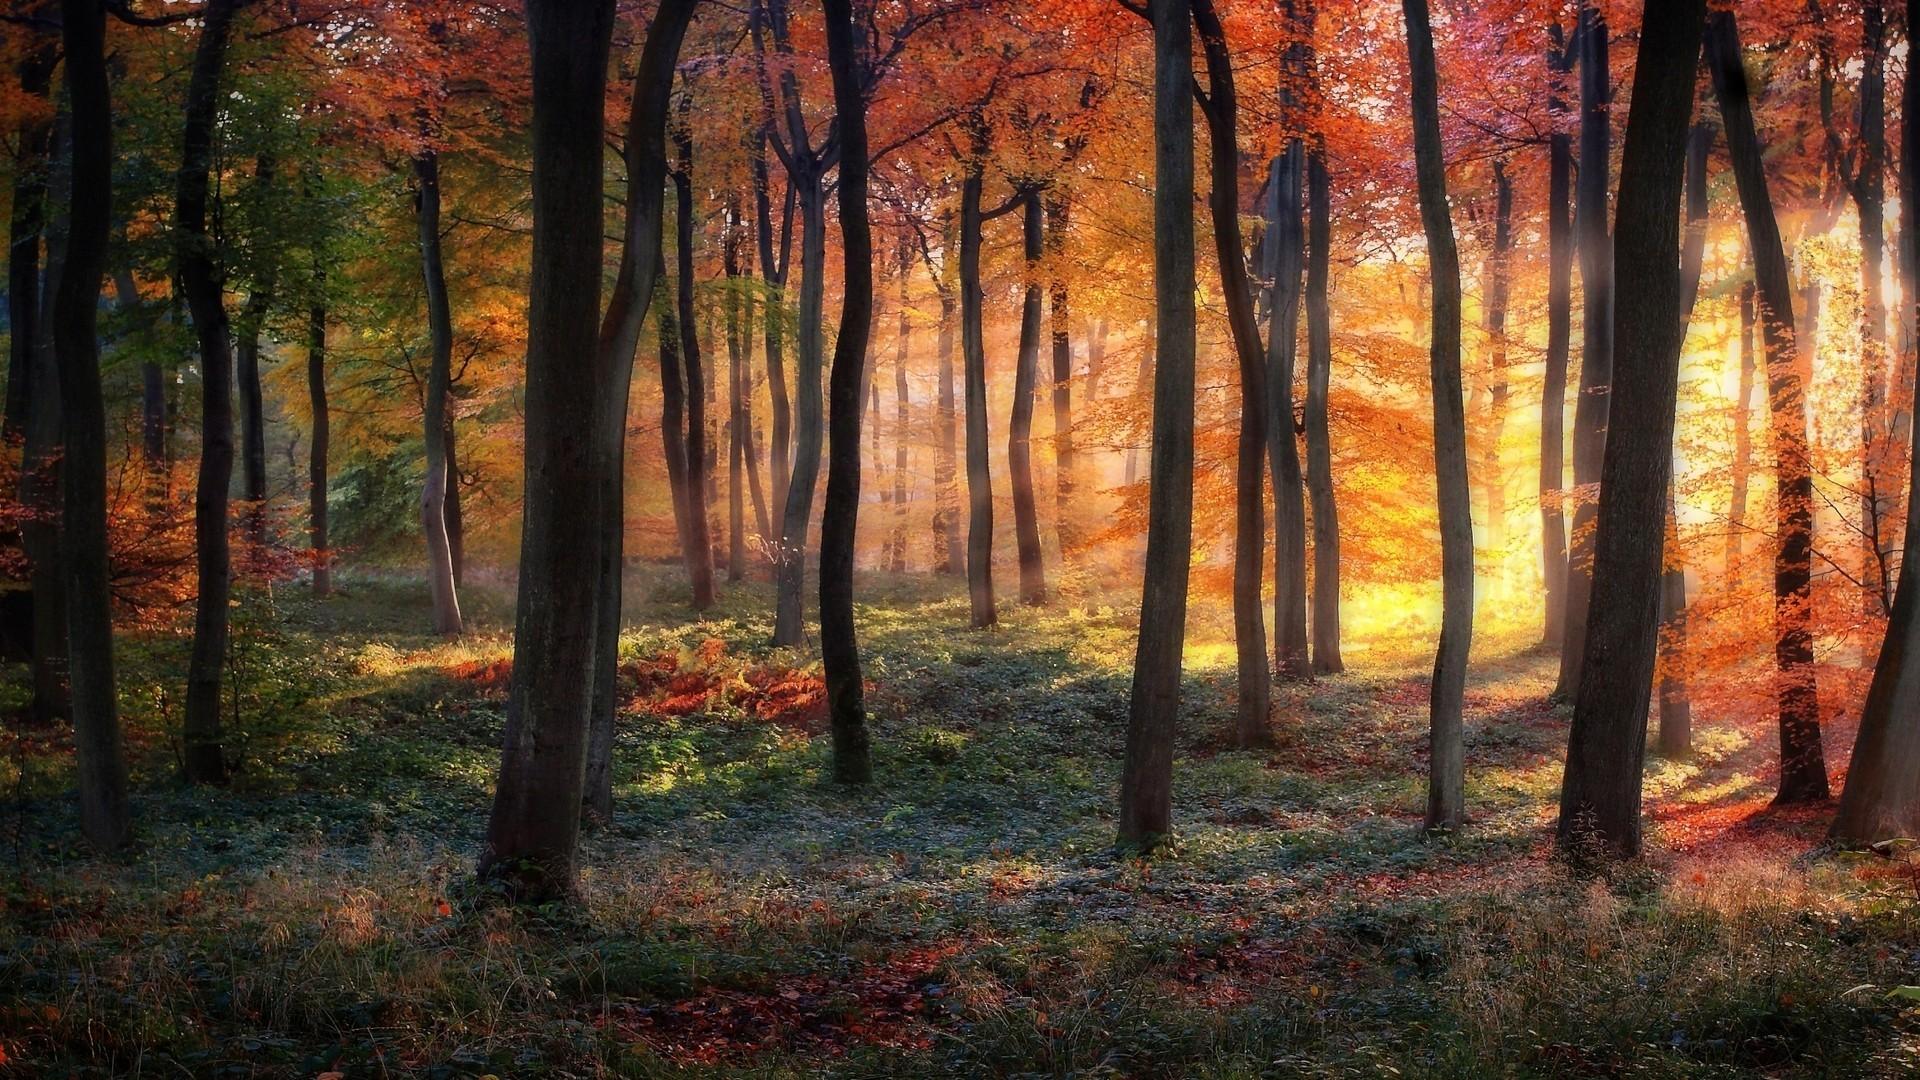 foto de feuilles sous bois forêt à l'automne photo:: Fond Ecran HD